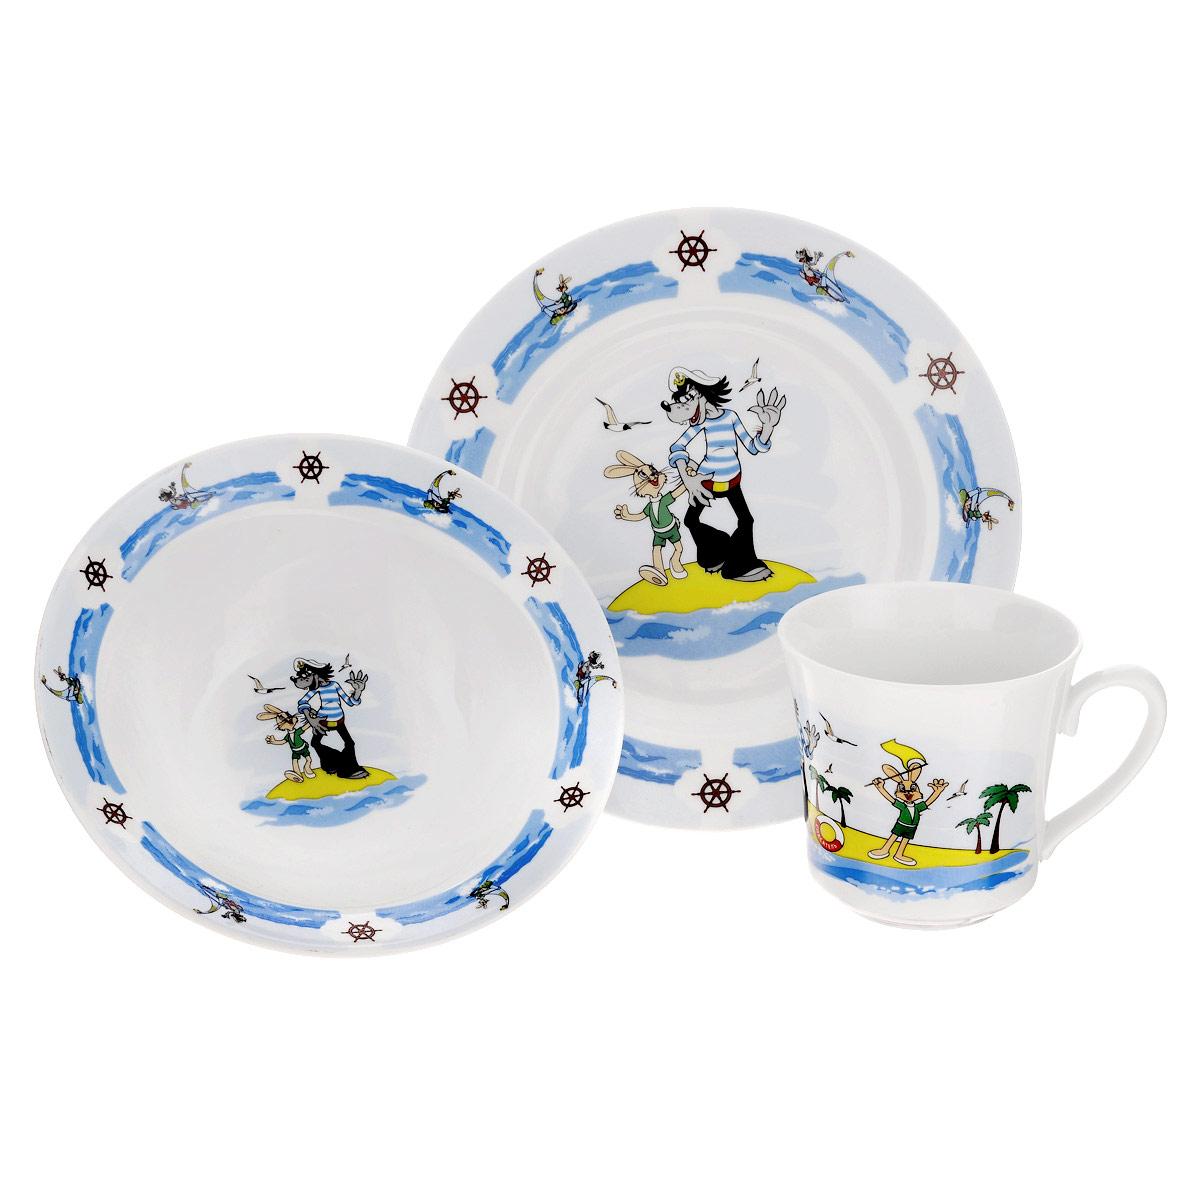 Набор детской фарфоровой посуды Союзмультфильм Ну,погоди!, 3 предметаКРС-288Набор детской посуды Ну, погоди! порадует любого маленького поклонника старых советских мультфильмов. Набор включает в себя тарелку, миску и кружку. Посуда выполнена из качественного фарфора, окрашена безопасными красками, которые не сотрутся и прослужат вам очень долго. Прочные тарелки украшает изображение любимых героев мультфильма Ну, погоди!. Приборы нельзя использовать в духовке и на открытом огне. Посуда может быть использована в микроволновке и посудомоечной машине. Объем кружки 250 мл, объем миски 300 мл. Детская посуда разработана специально для малышей, она удобная и безопасна. Привычная еда станет вкуснее и приятнее, если процесс кормления сопровождать игрой и сказками о любимых героях. Красочная посуда - залог хорошего настроения и аппетита вашего малыша!